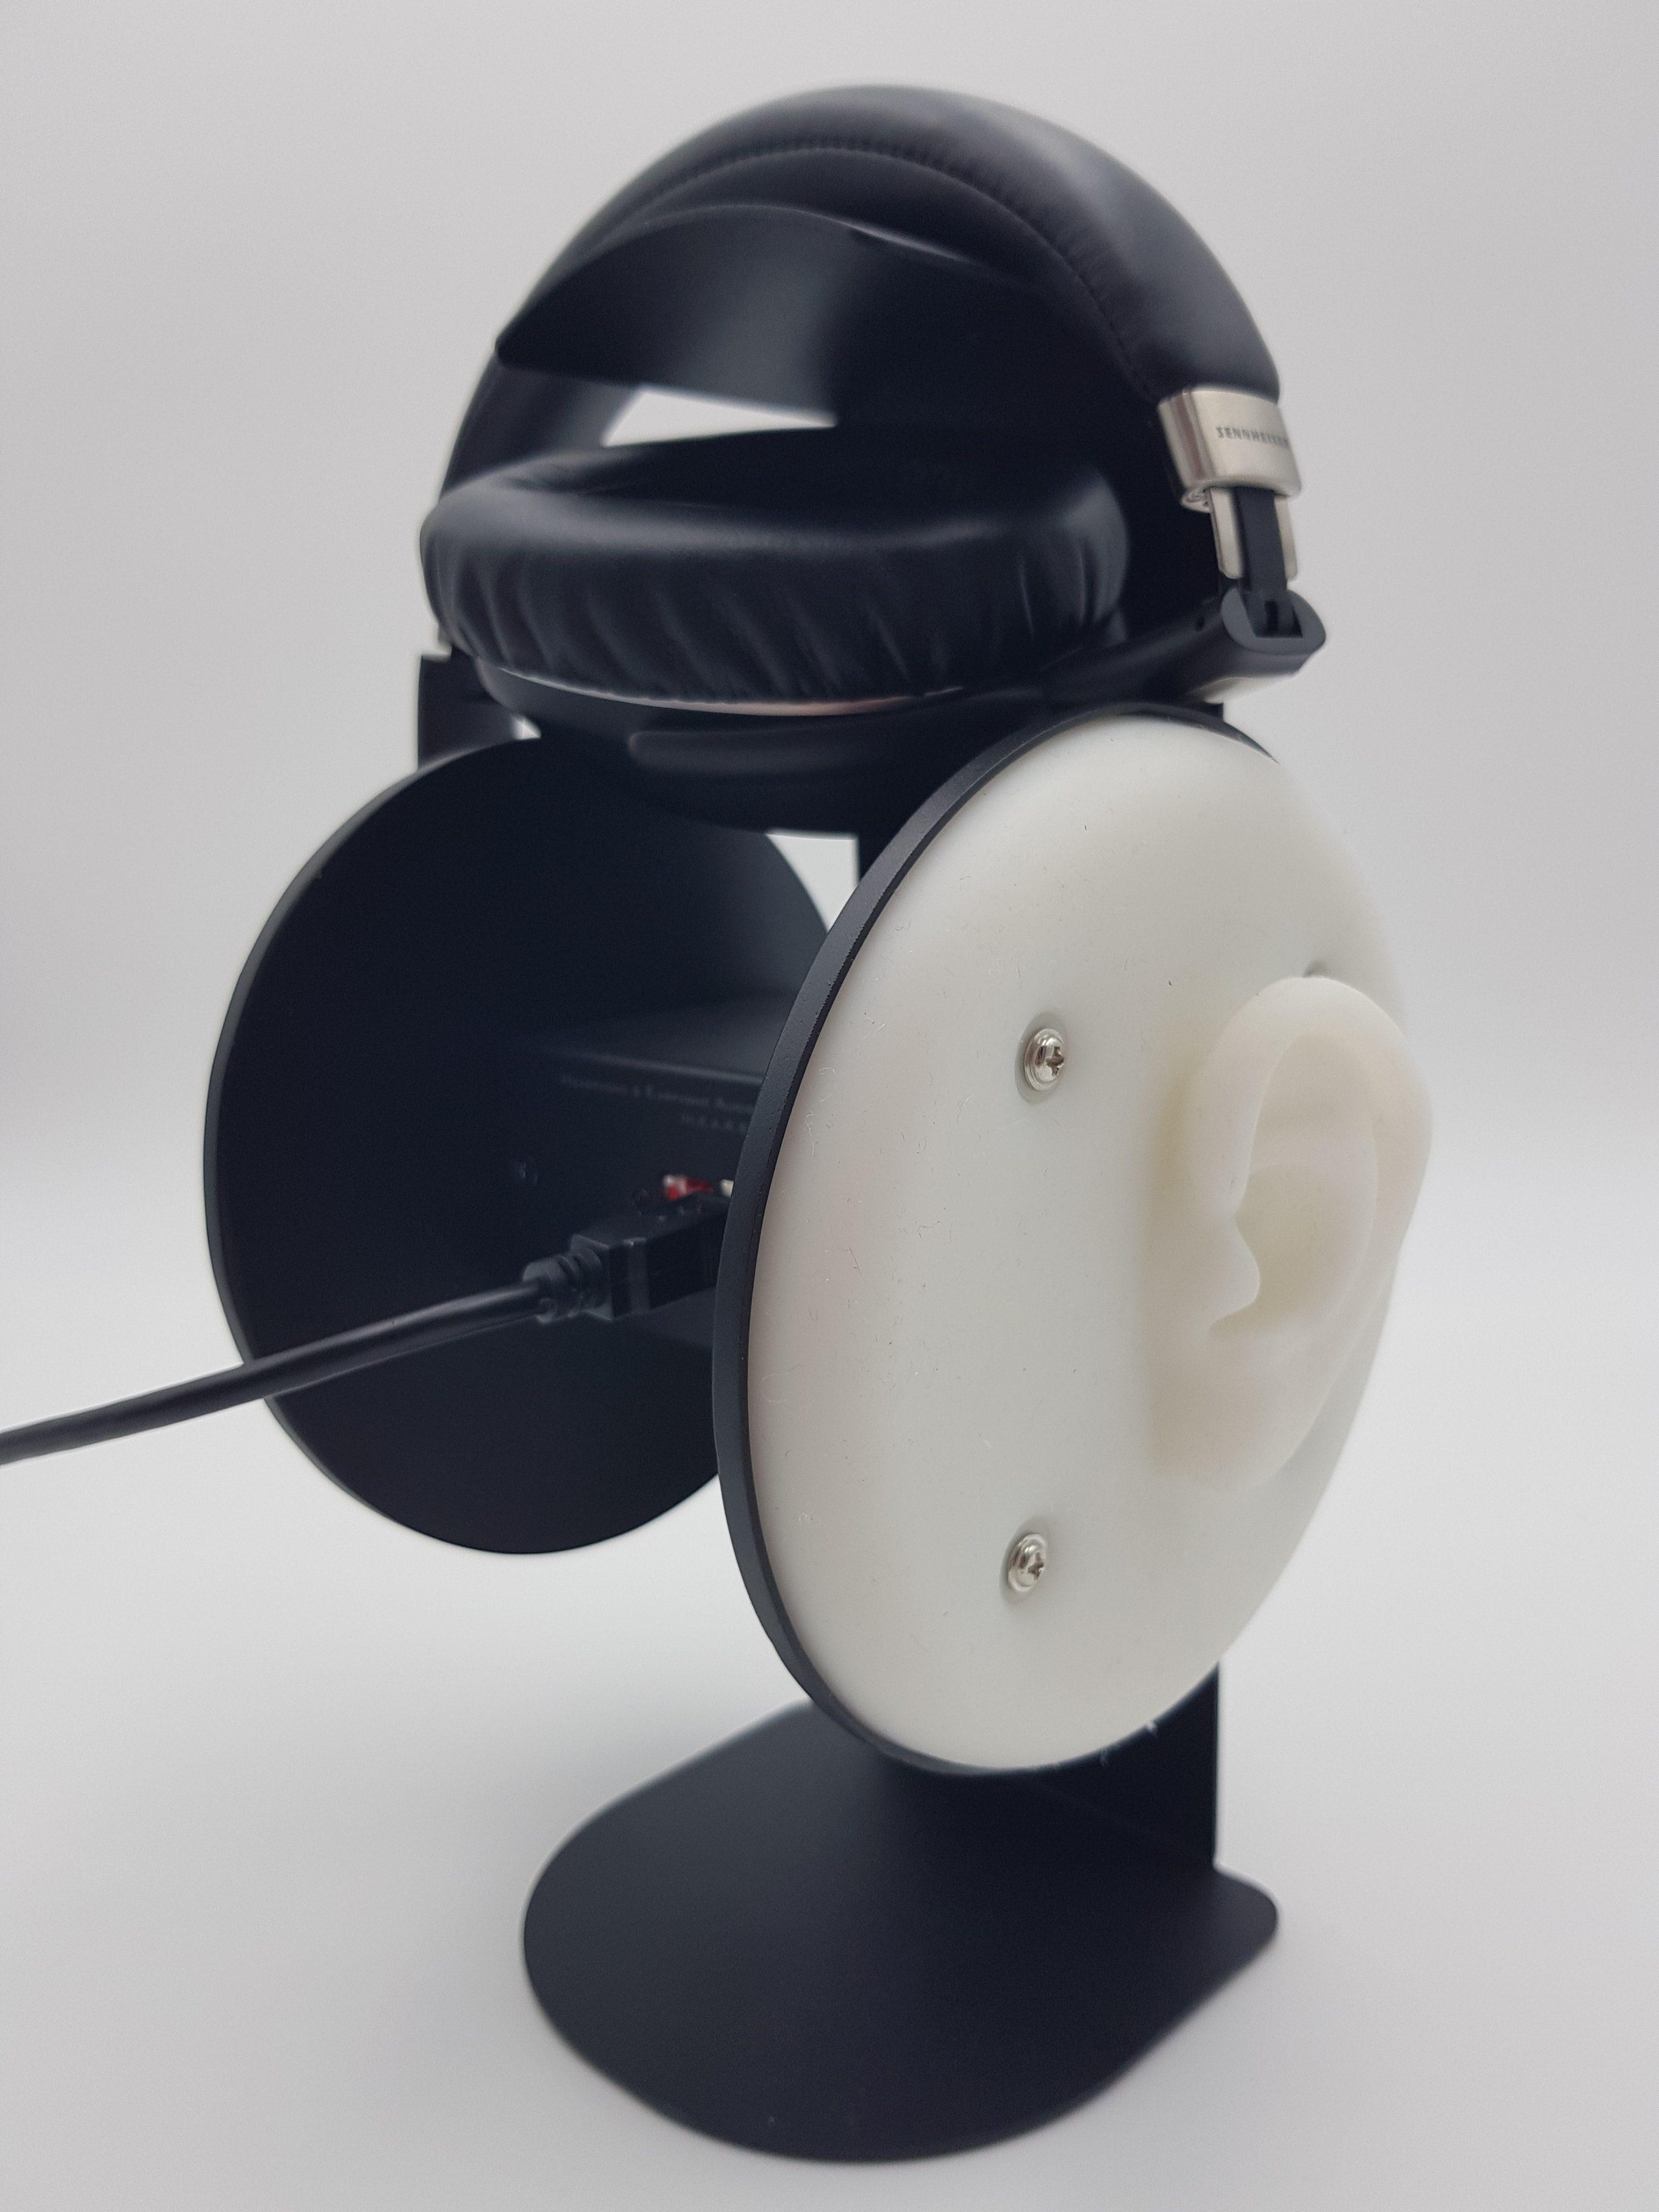 EARS von MiniDSP mit dem Sennheiser PXC 550